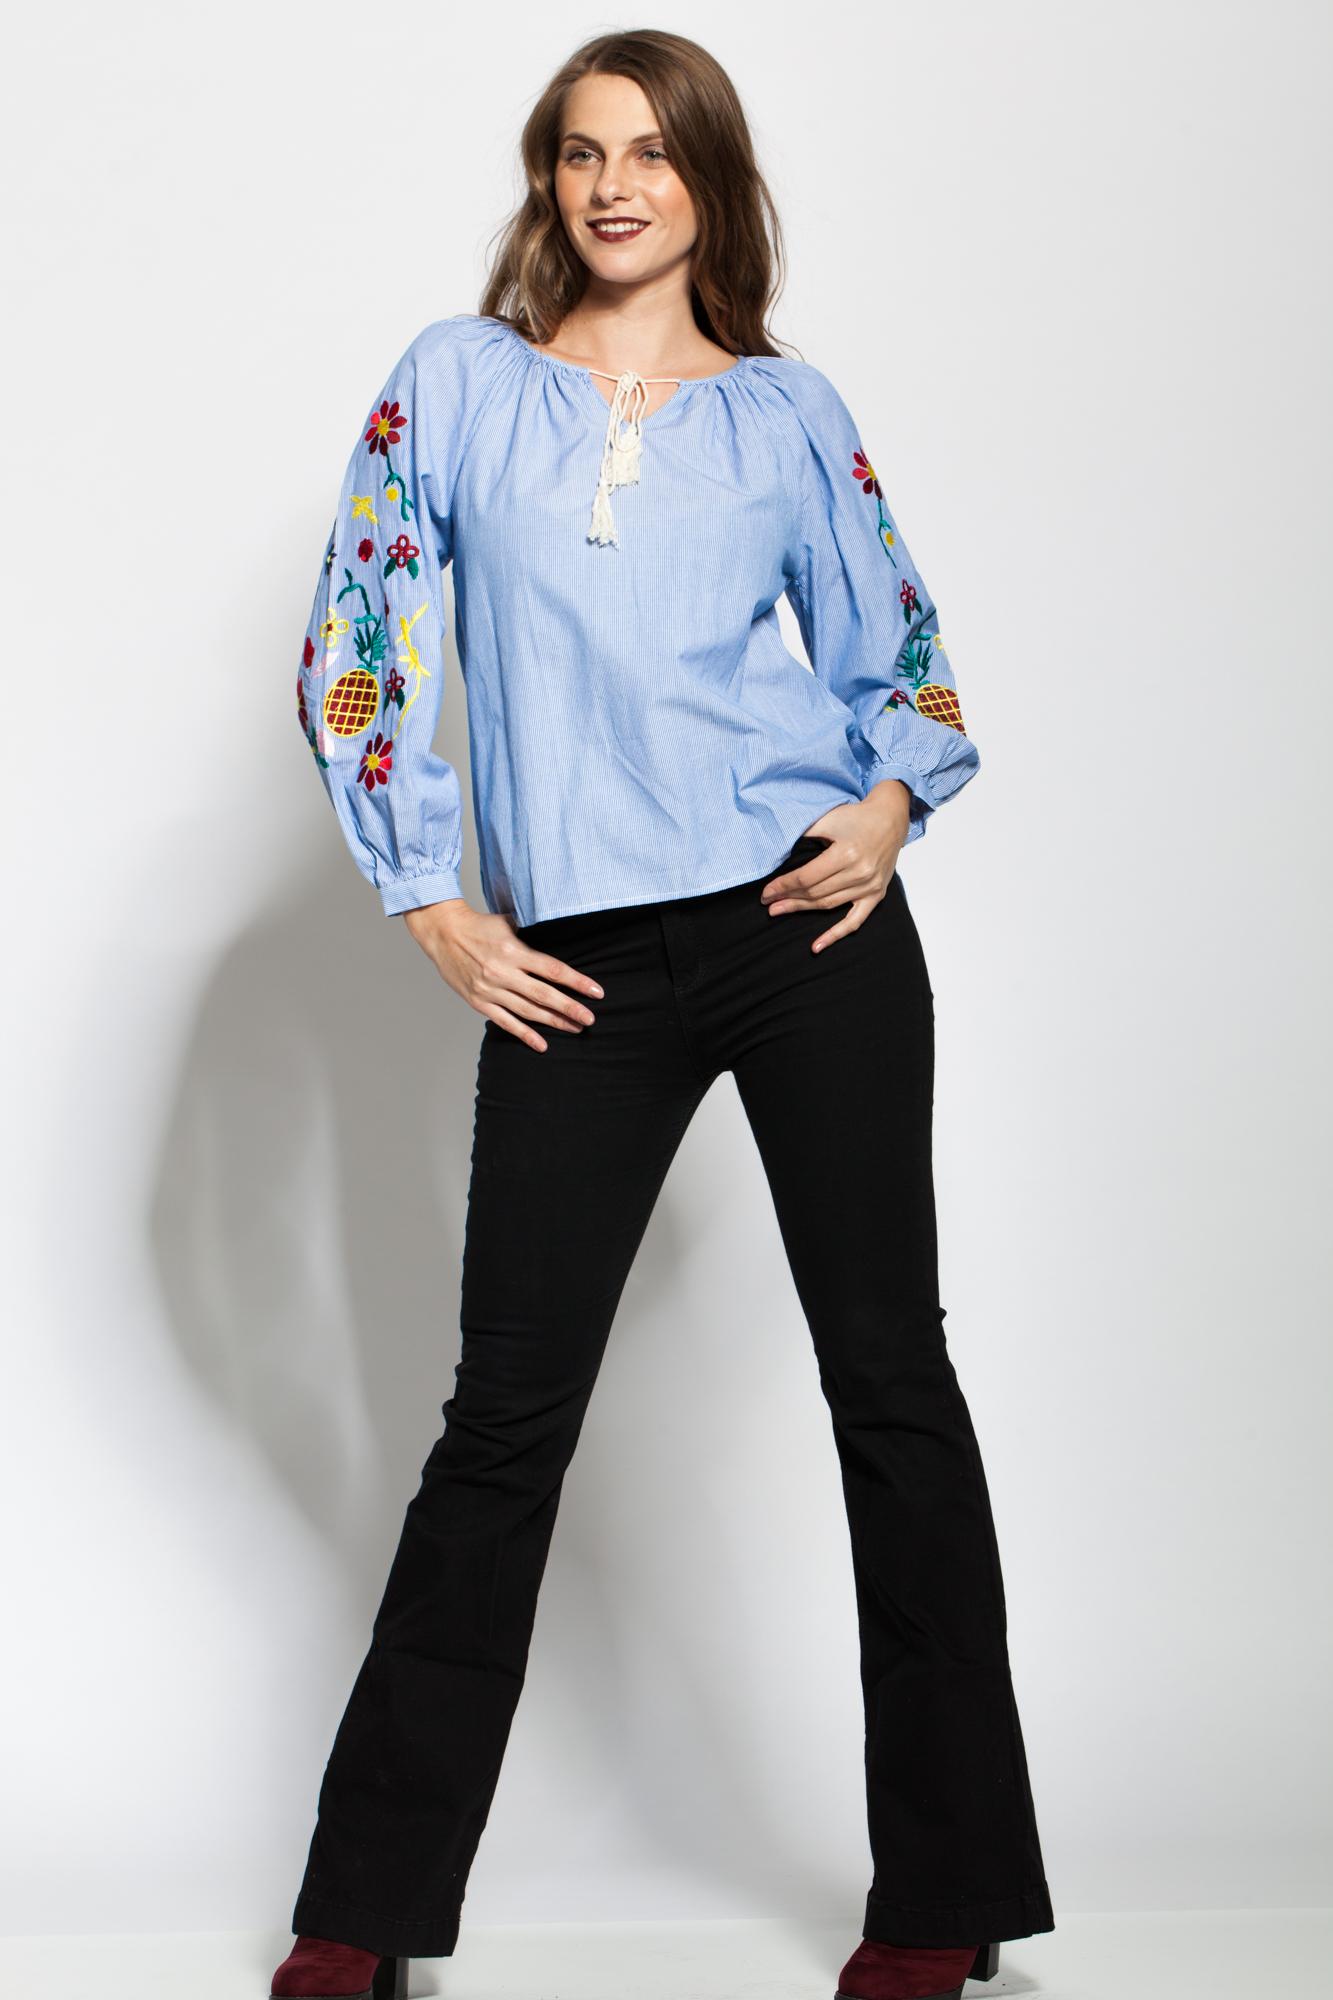 Bluza alba cu dungi bleu si broderie pe maneci